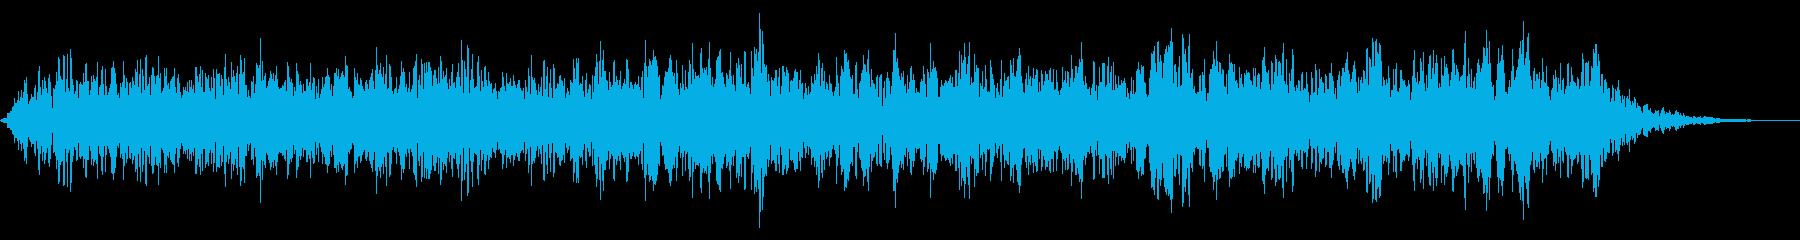 鳴き声のALLの再生済みの波形